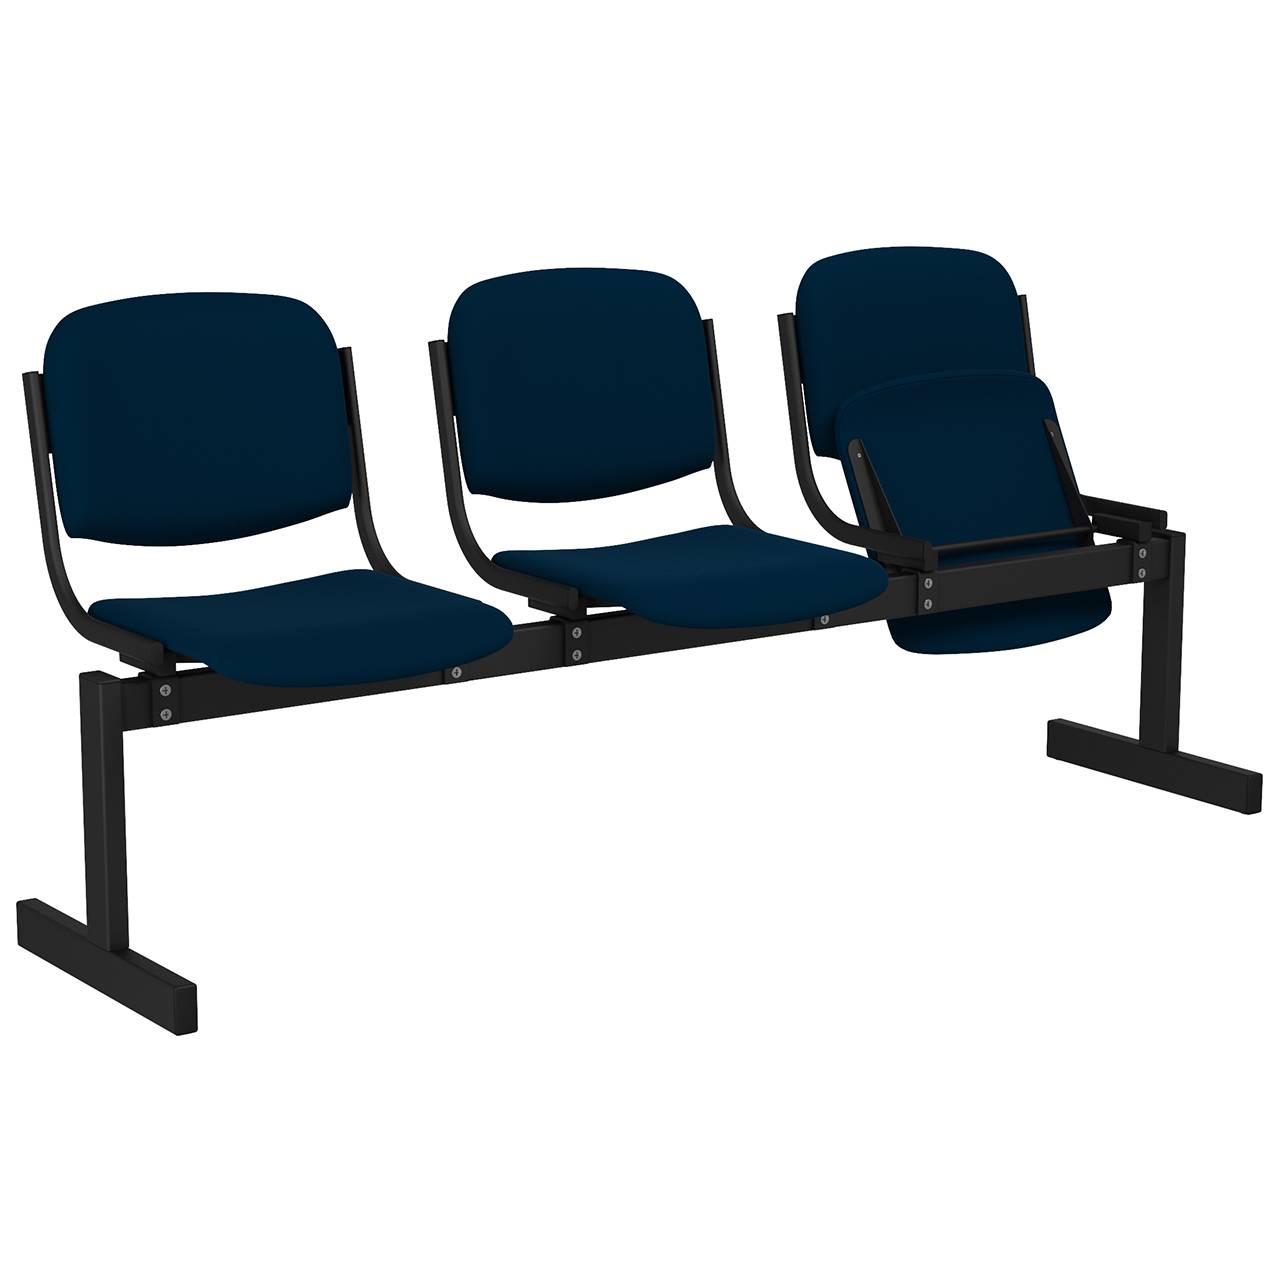 3-местный, откидывающиеся сиденья, мягкий черный синий Флок